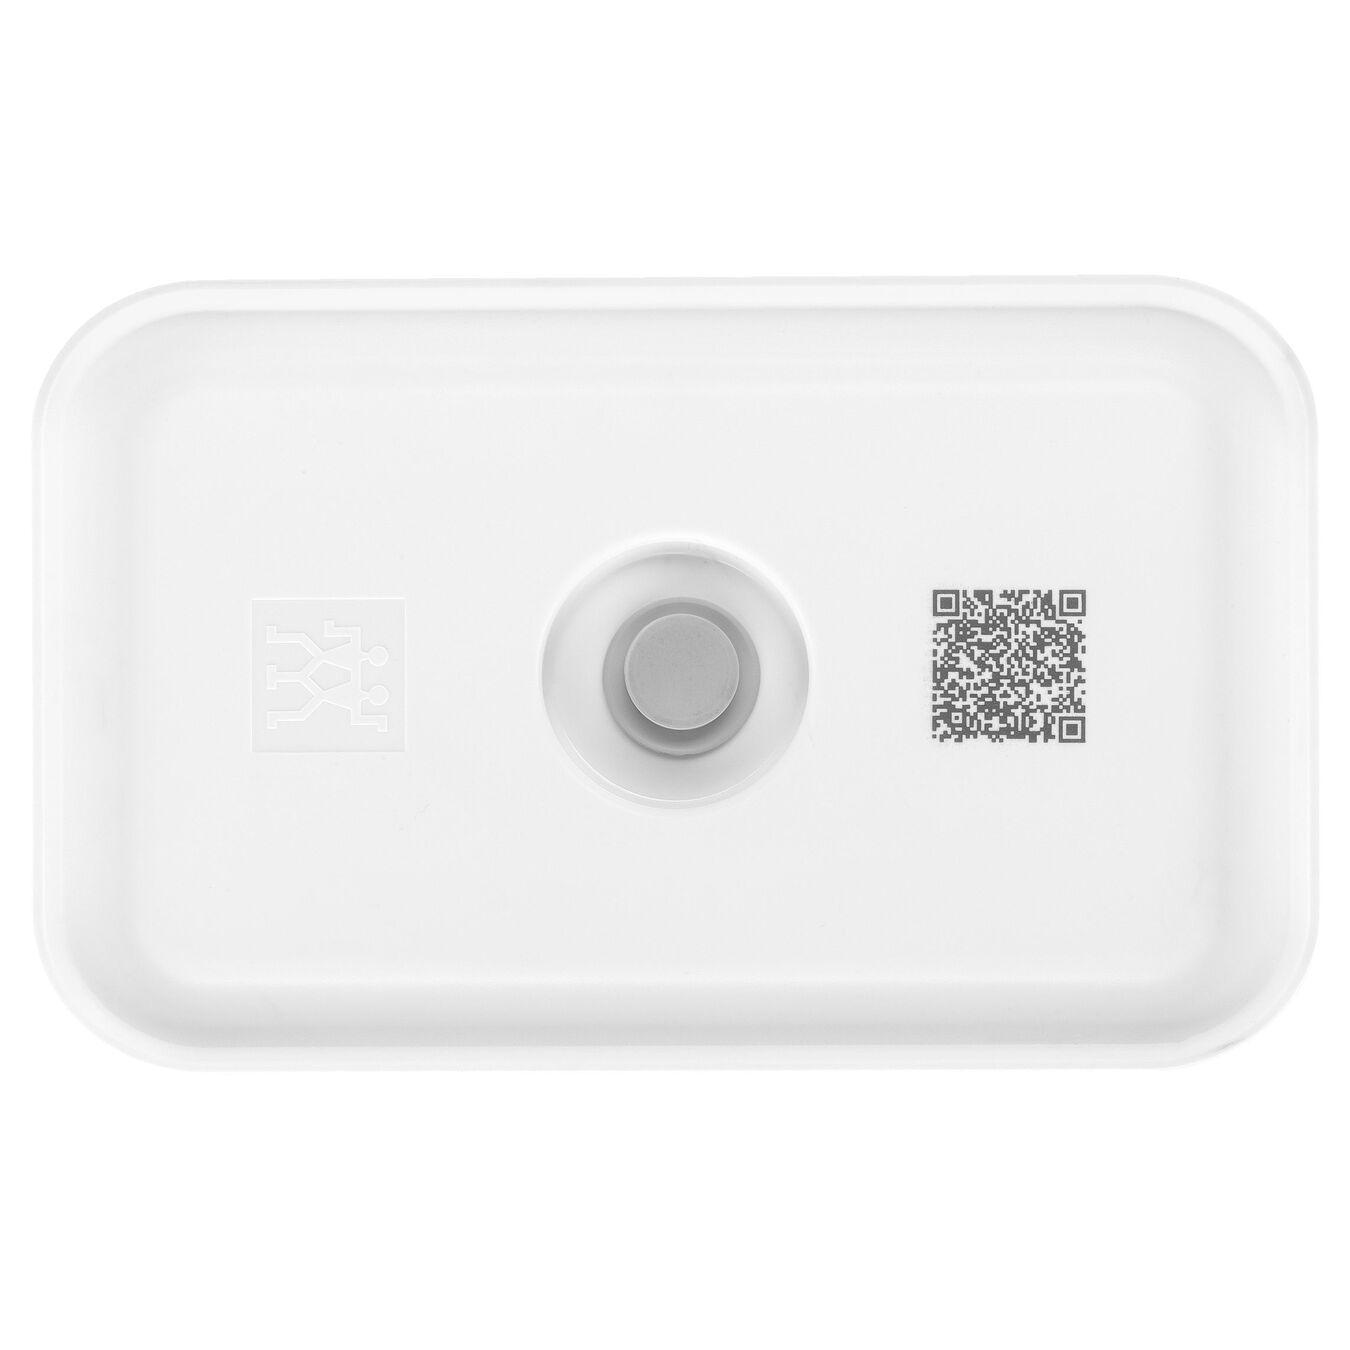 Vacuum lunch box, medium, Plastic, White,,large 3